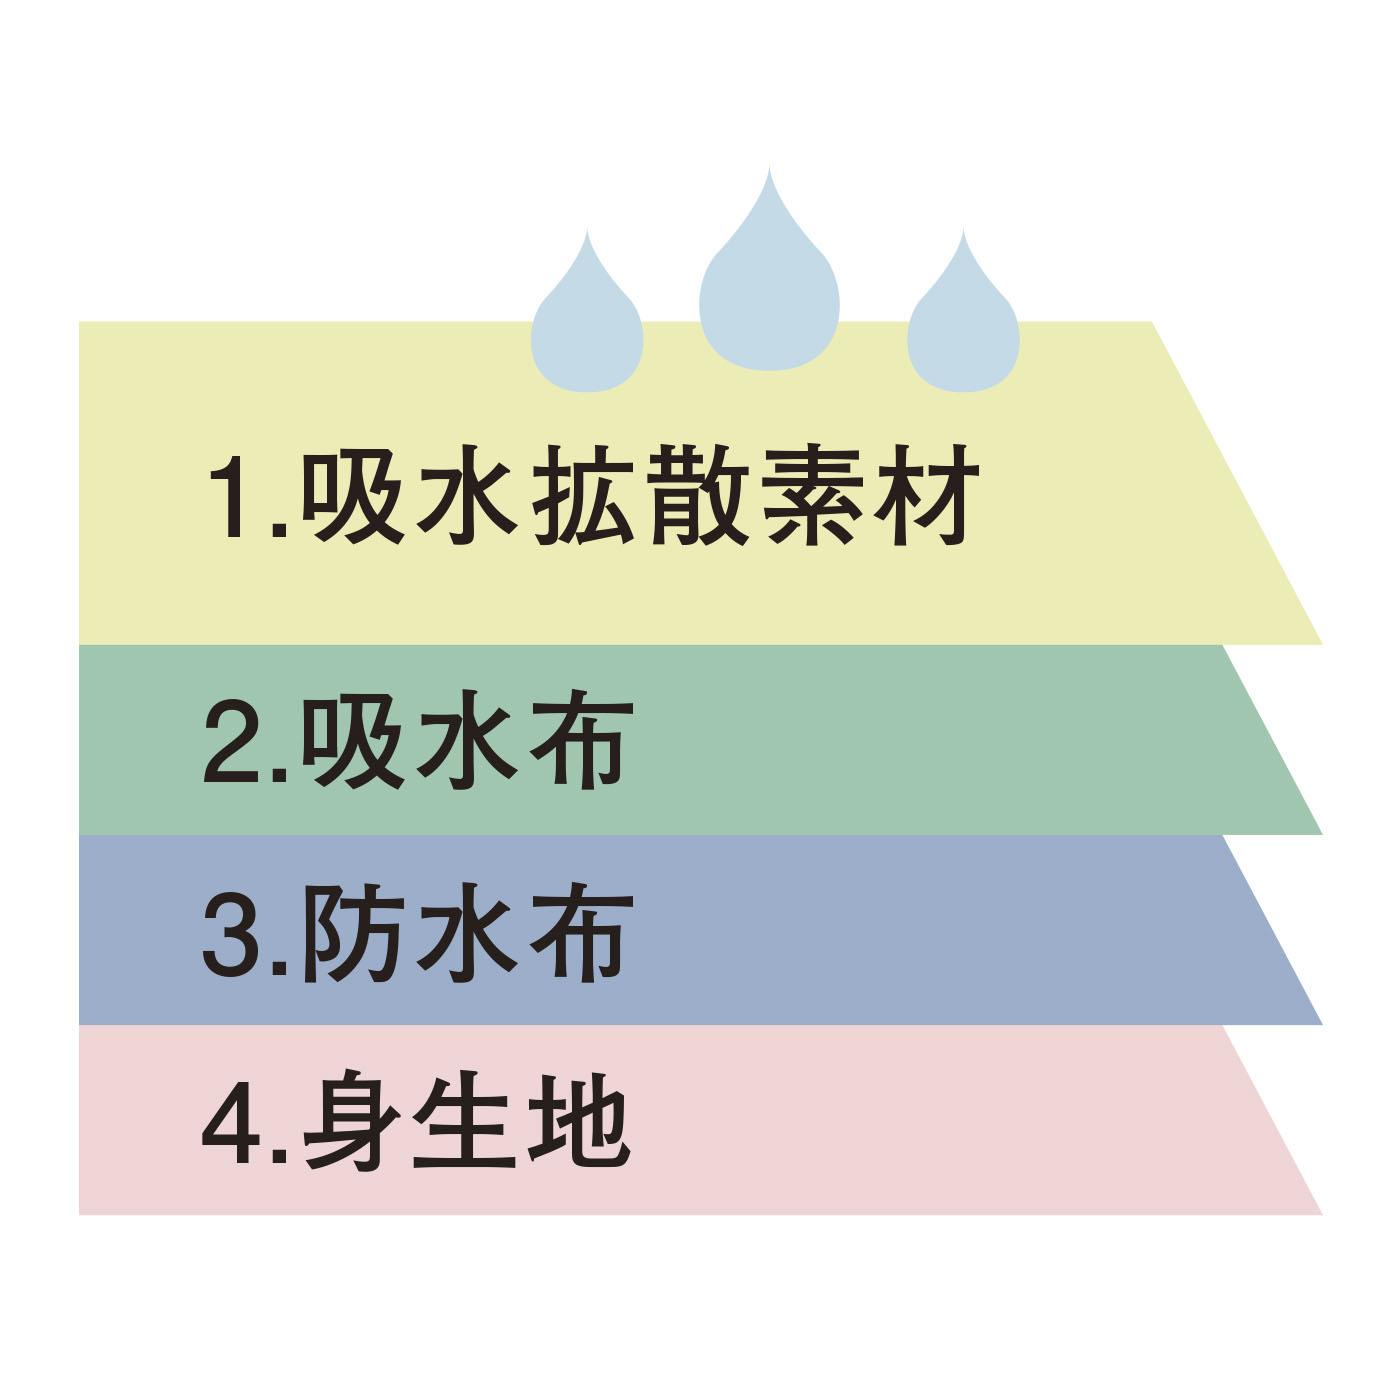 4層吸水パッドで素早く吸水してサラサラに。